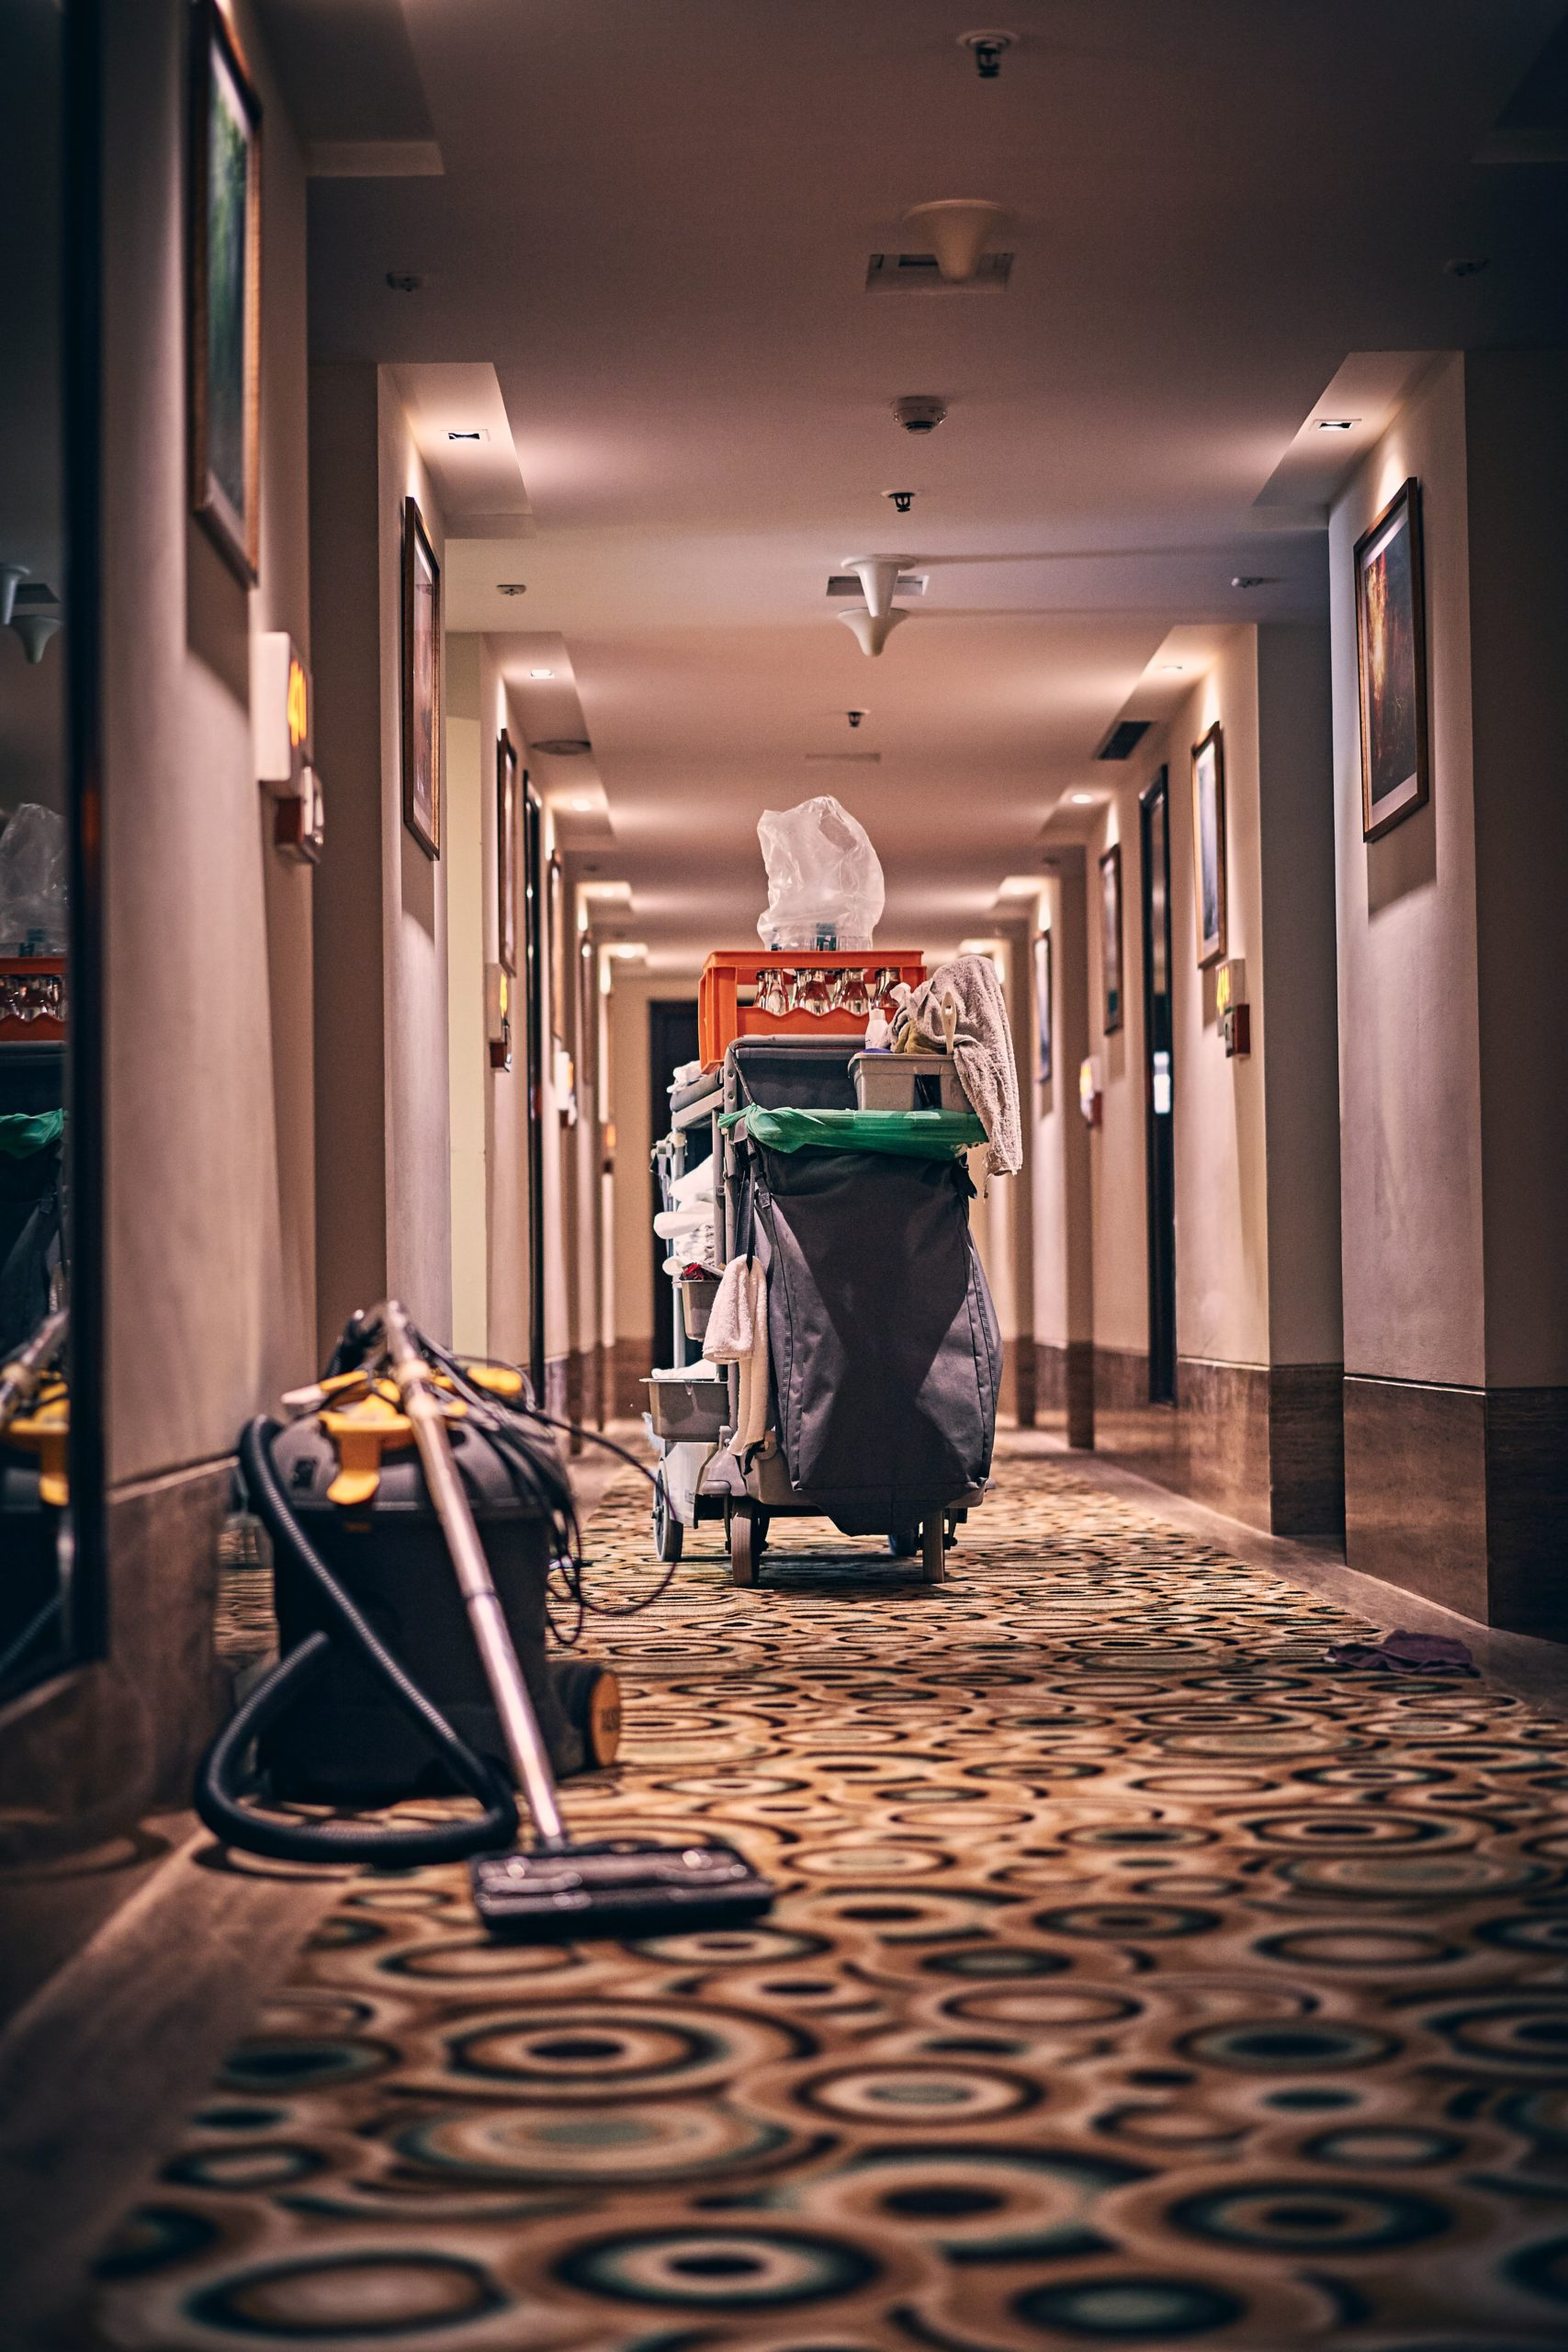 Gewerbliche Reinigungdienste sind besonders bei großen Firmen gefragt